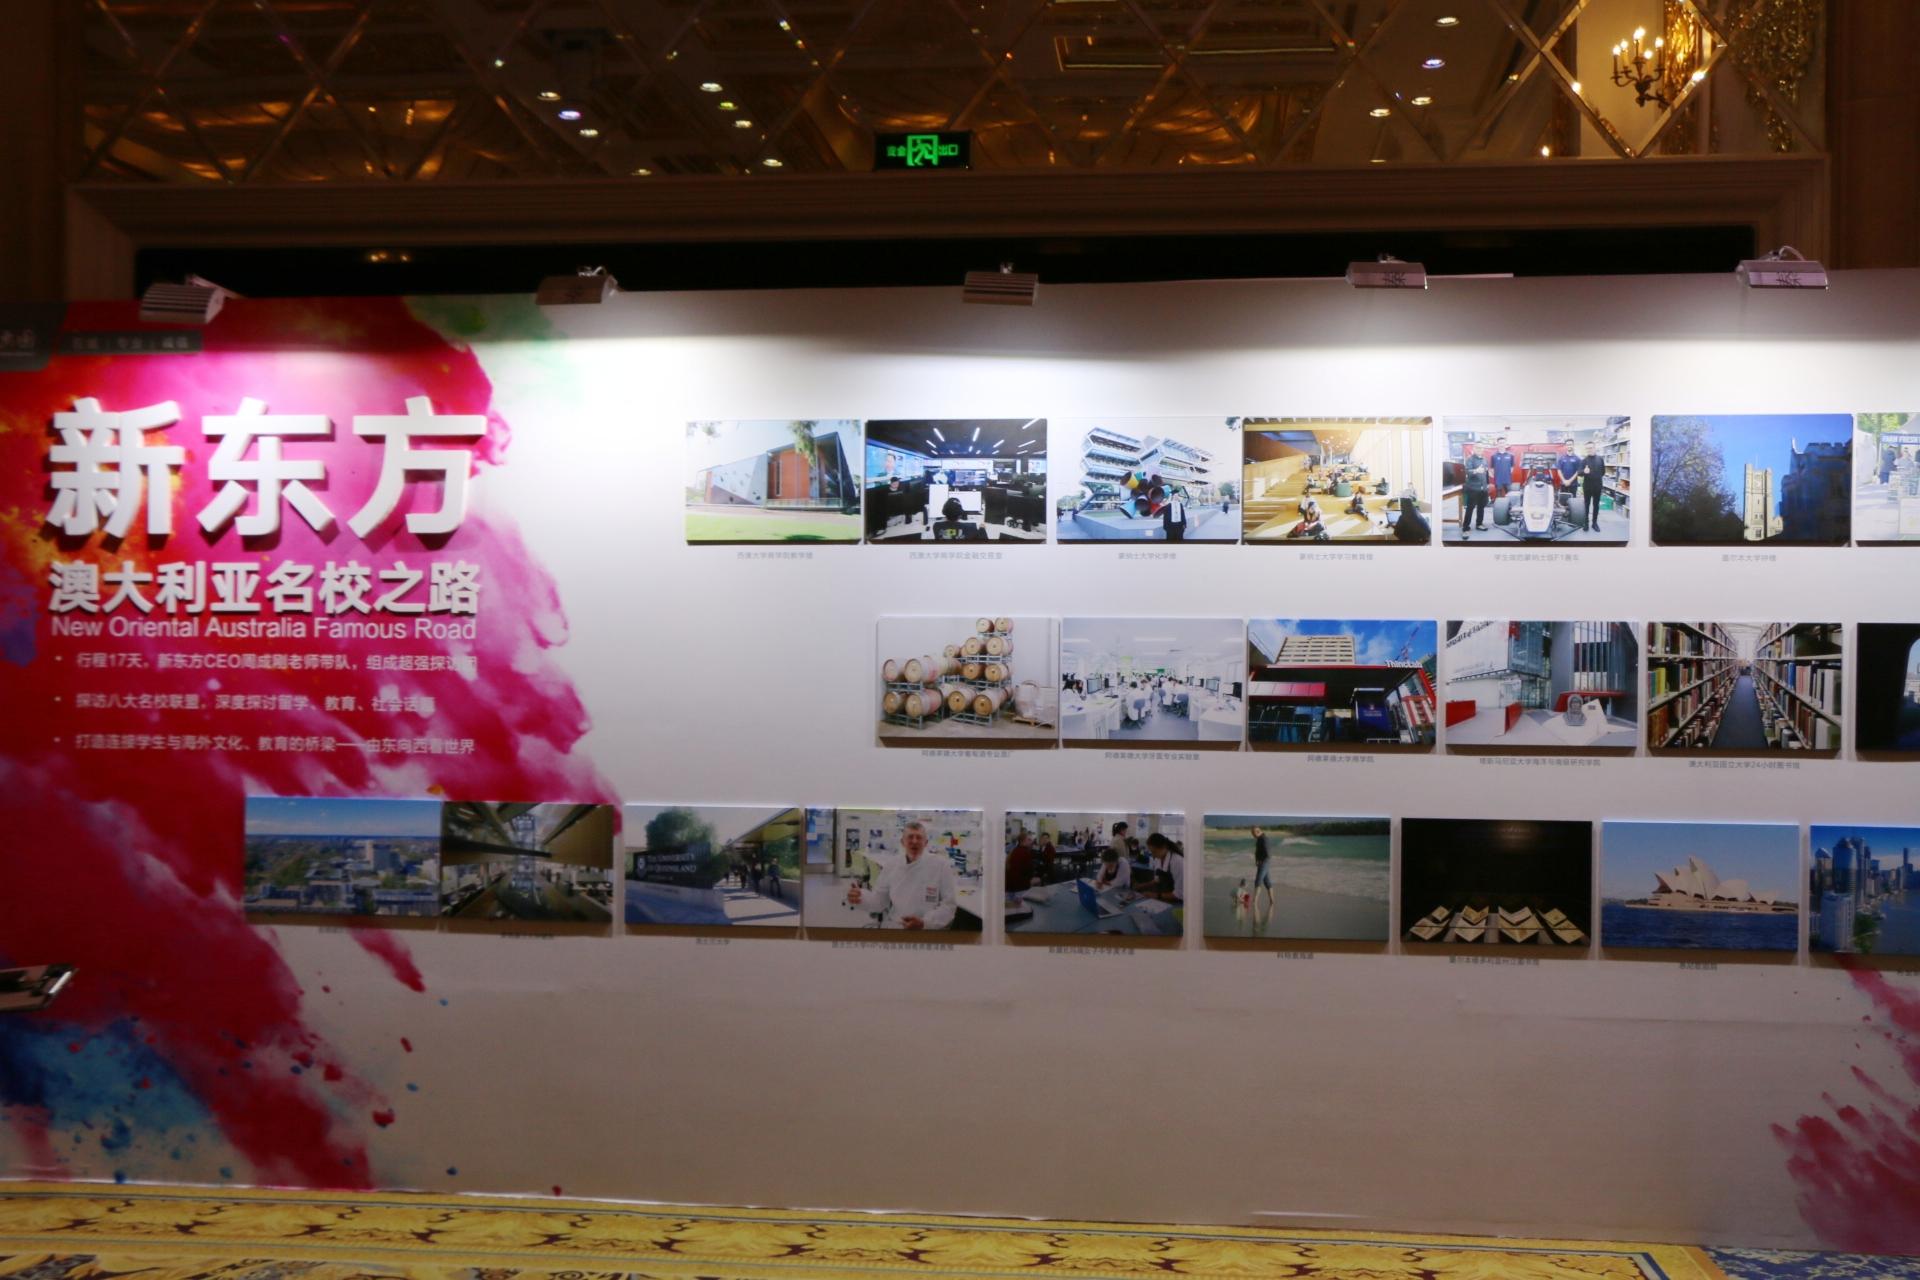 第44届新东方国际教育展登陆昆明 一站式解决留学问题